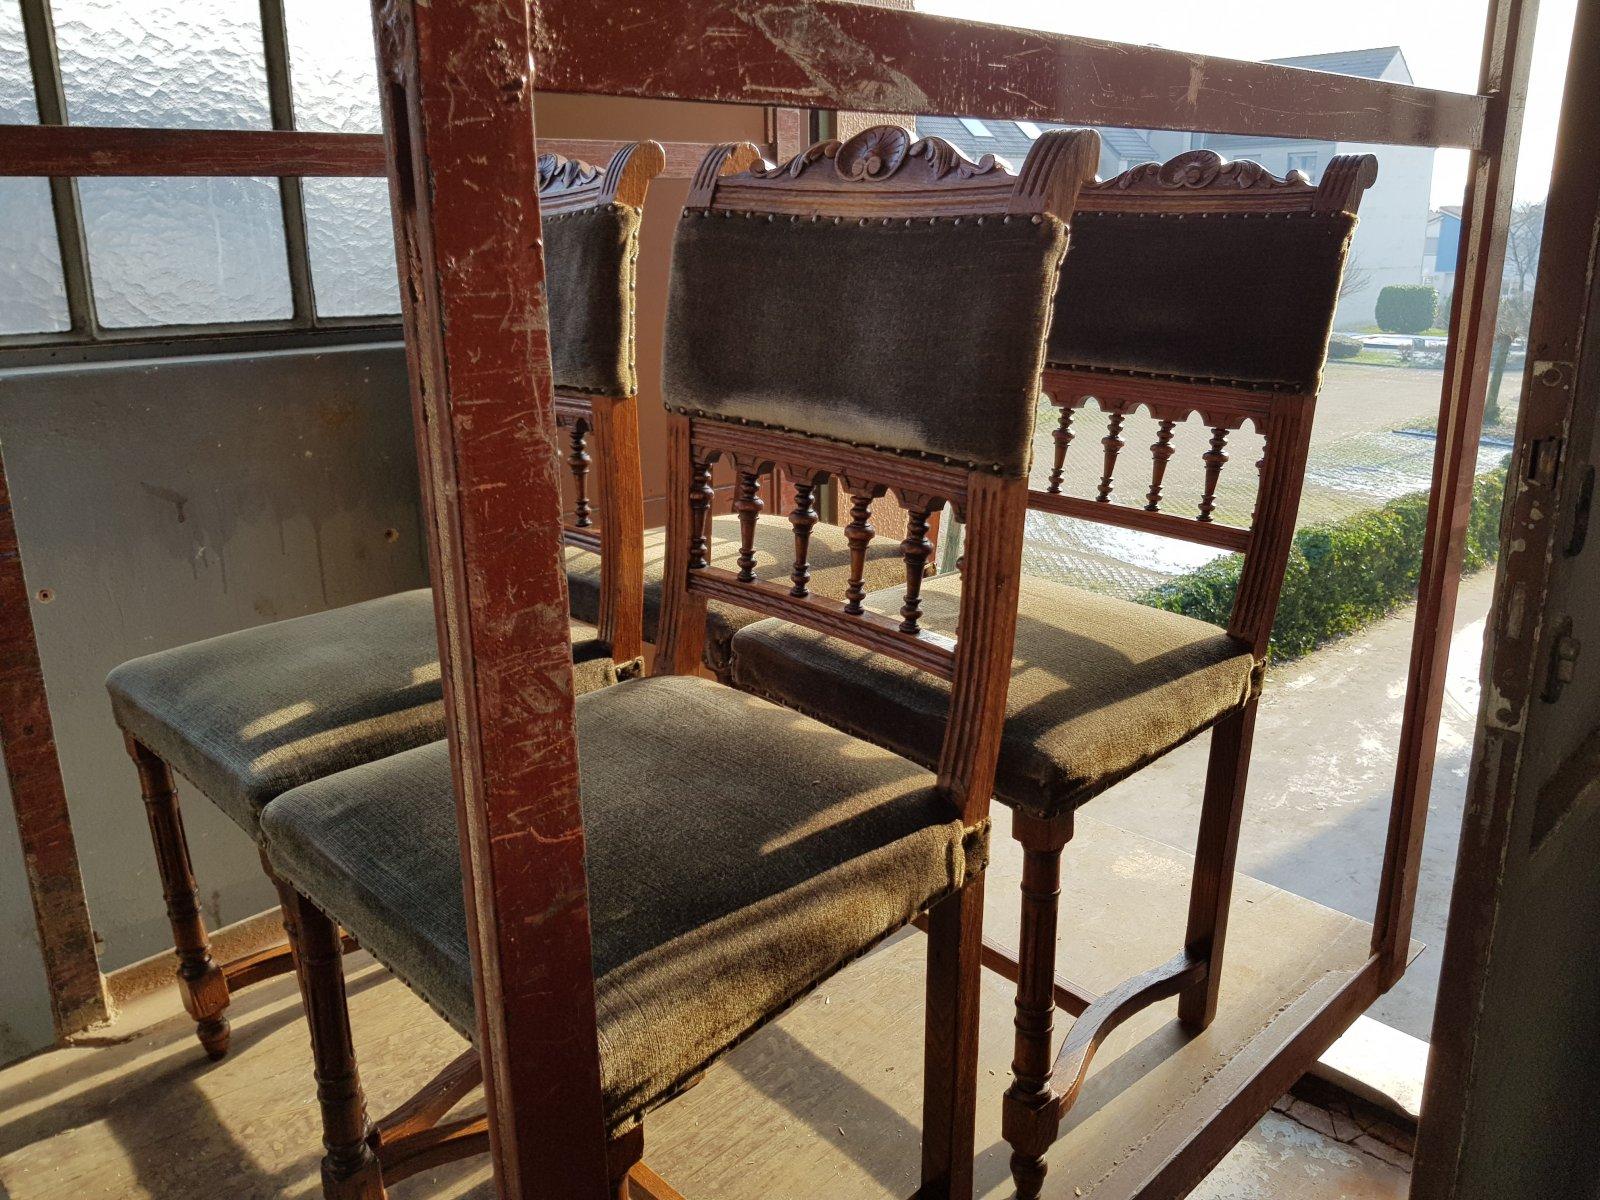 4 st hle antik eiche massiv bezug mohair samt gr nderzeit unrestauriert ebay. Black Bedroom Furniture Sets. Home Design Ideas